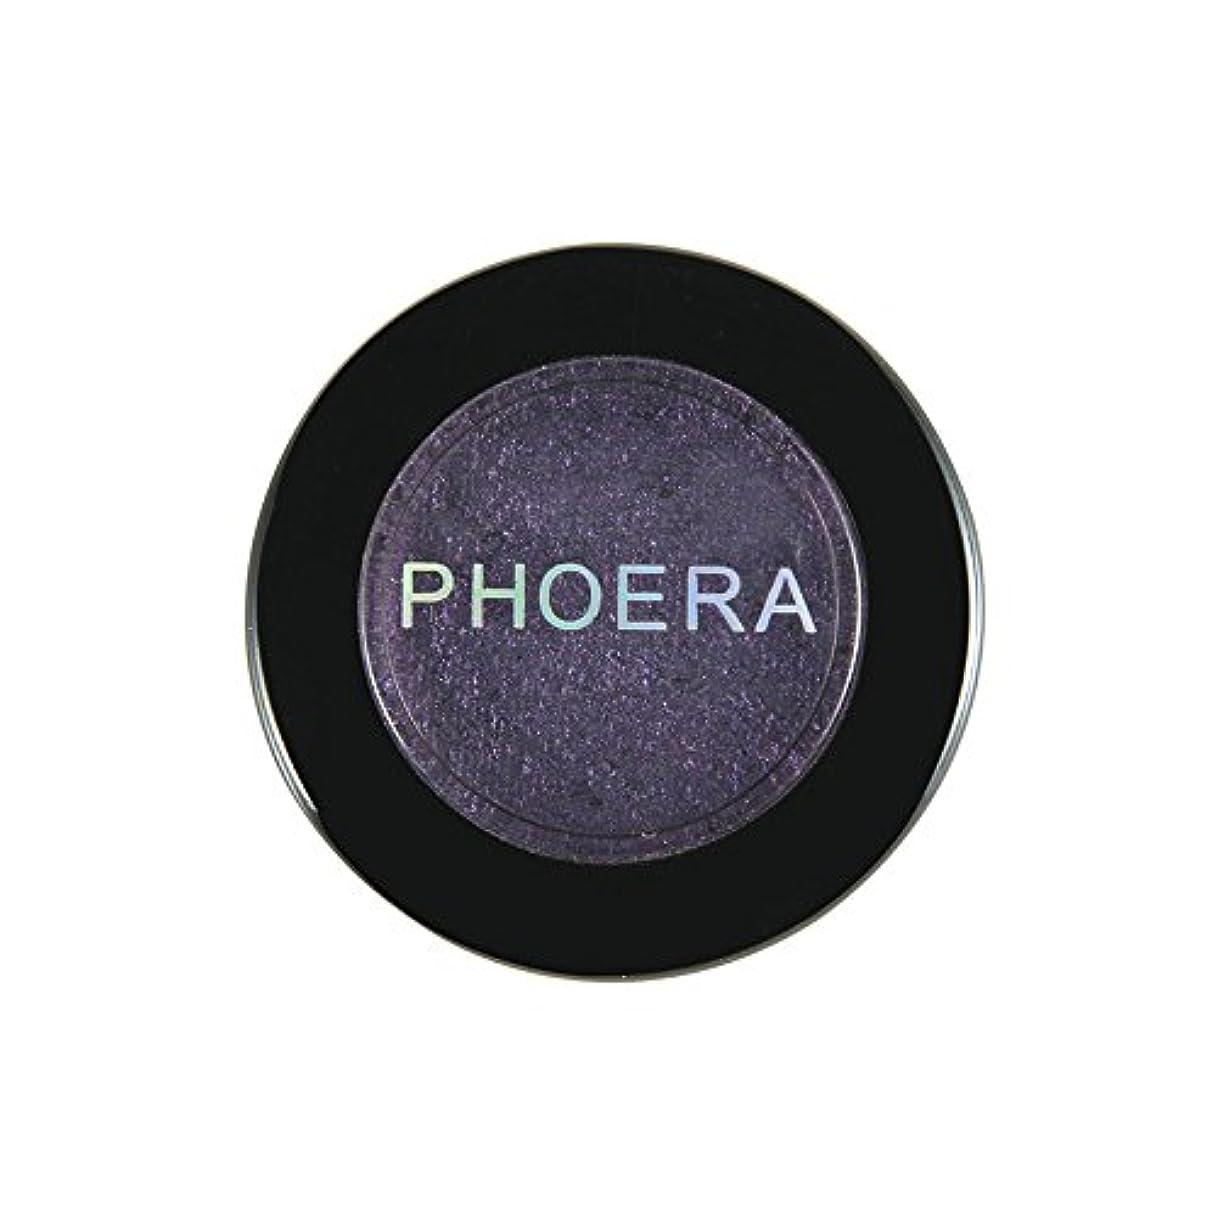 天窓モットー仮定するAkane アイシャドウパレット PHOERA 人気 ファッション 魅力的 マッシュポテト 単なる 一つだけ 綺麗 チャーム 長持ち おしゃれ 持ち便利 日常 仕事 Eye Shadow (4色)